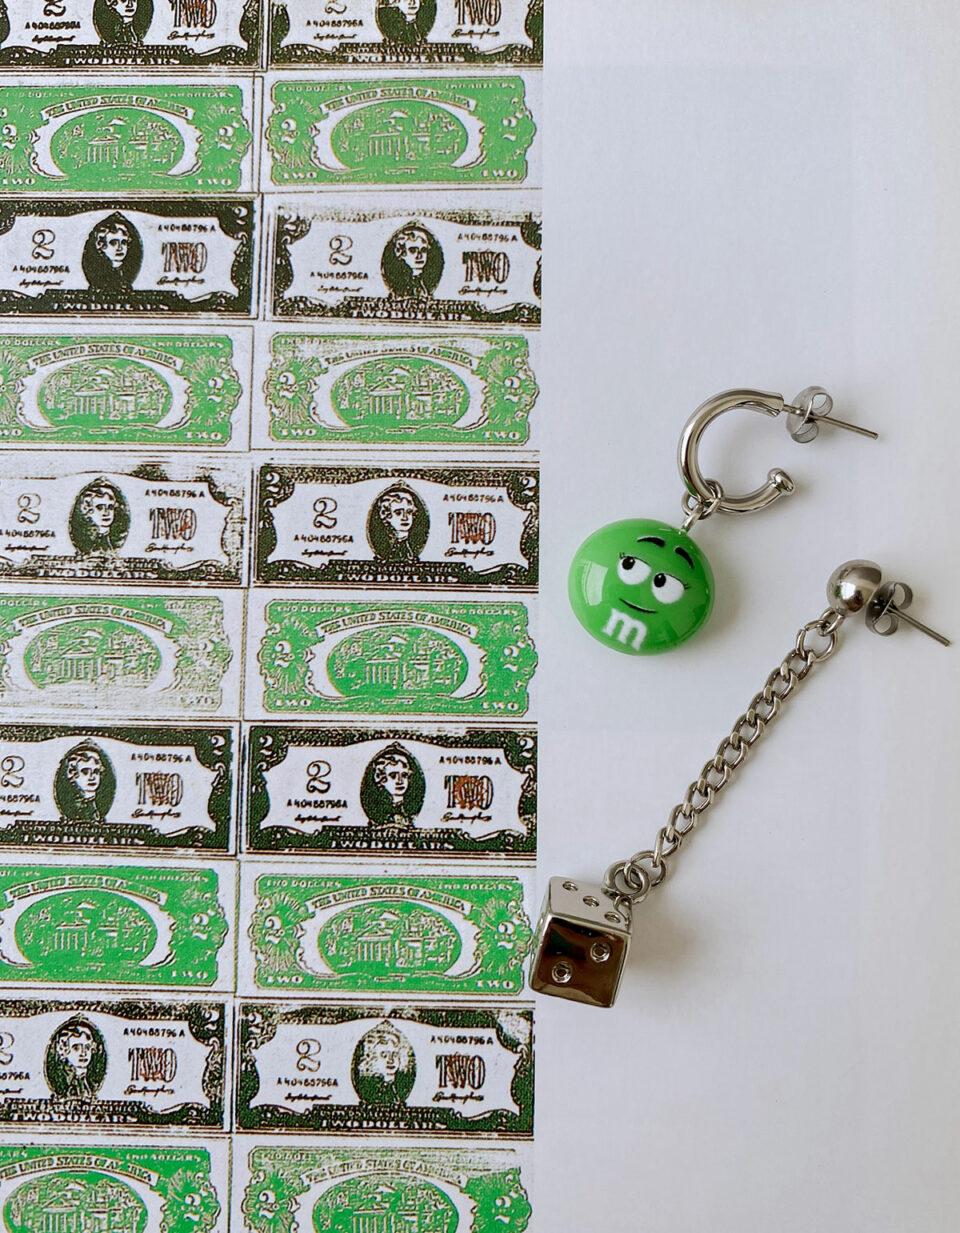 Brinco M&M's Chain